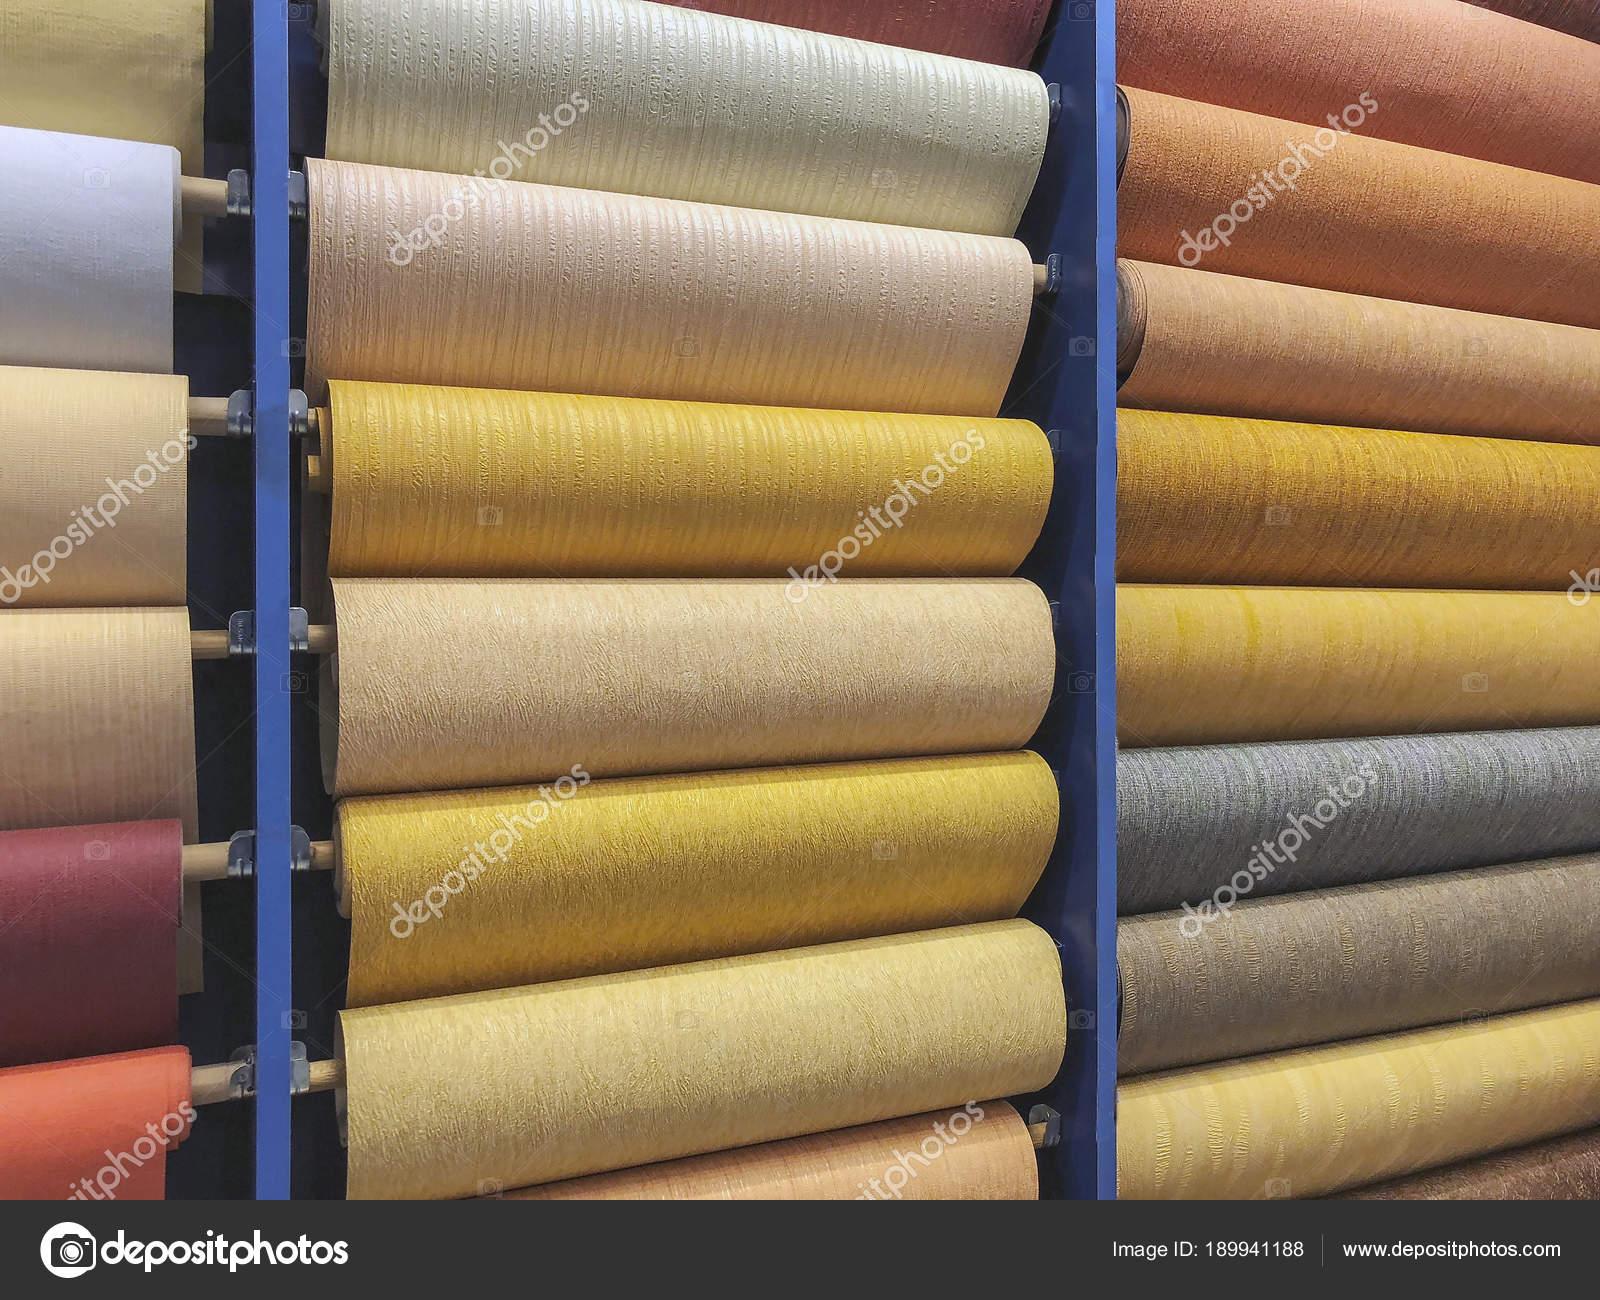 Rotoli Di Carta Colorata : Nips  rotolo di carta colorata bicolore larg lung